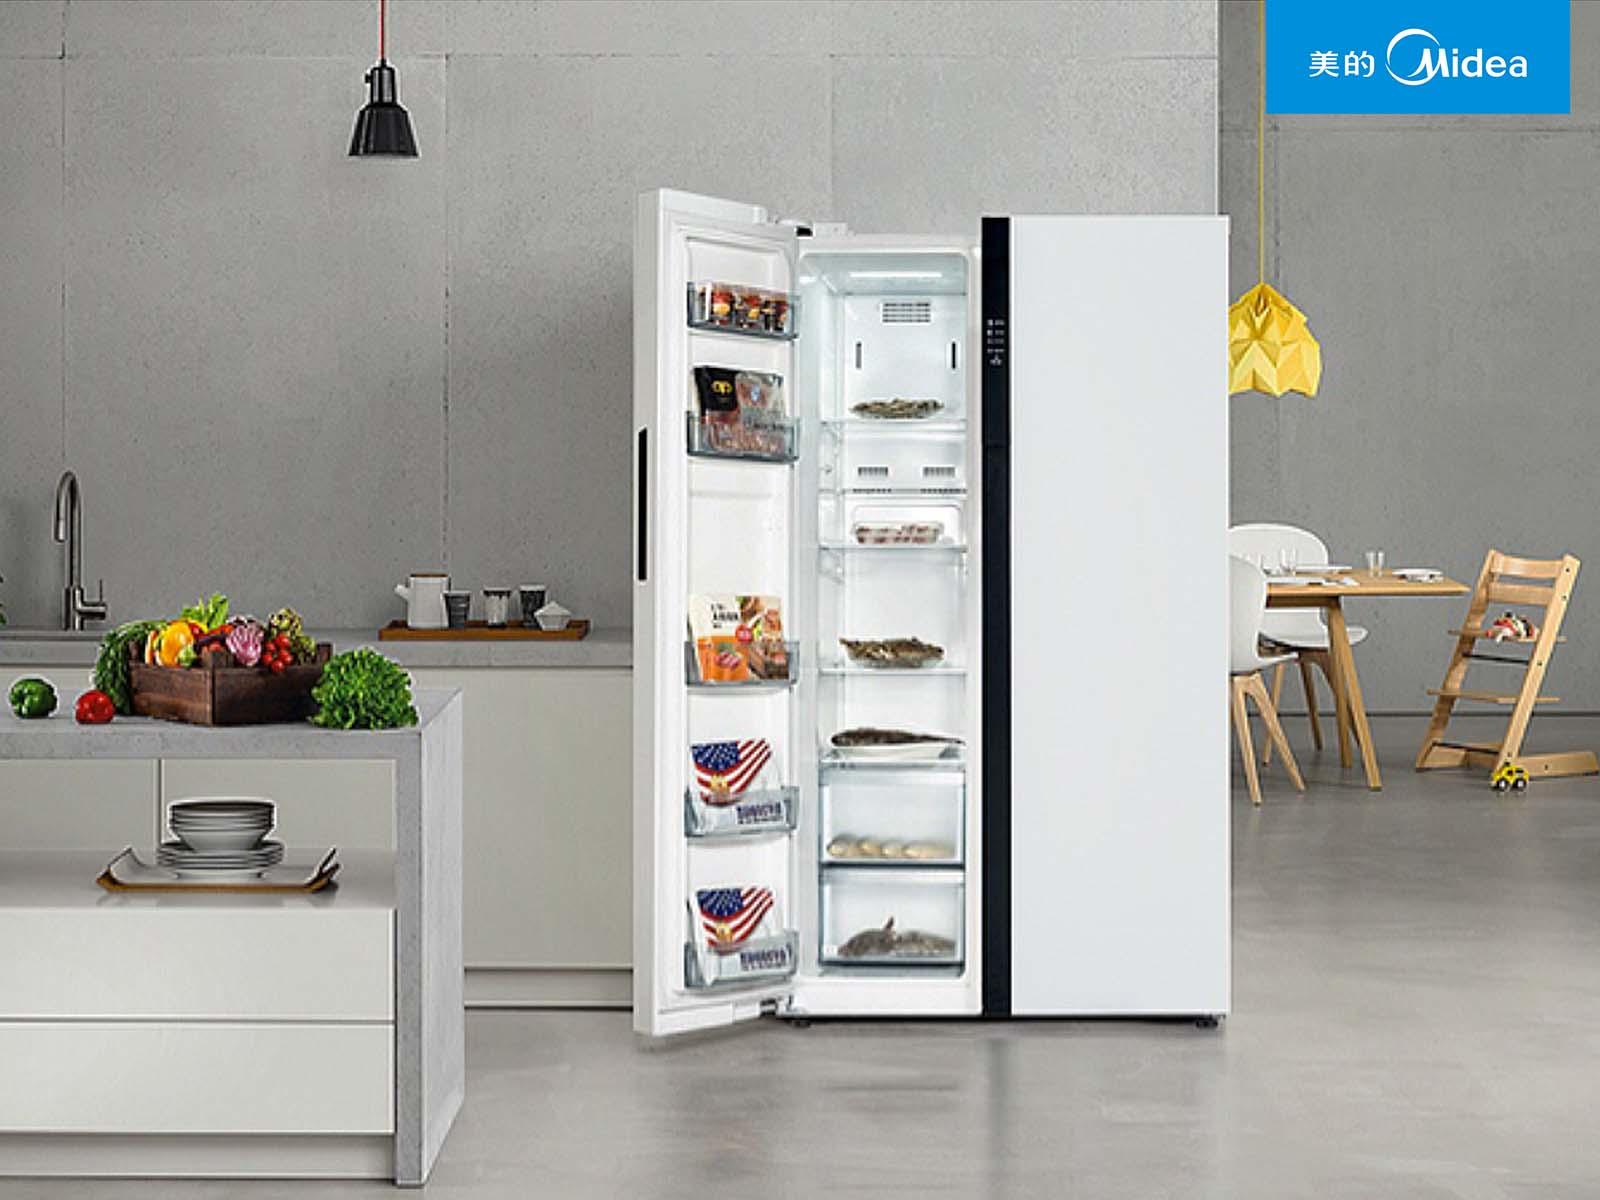 美的冰箱格局重构 轻薄+保鲜+净味储鲜新体验